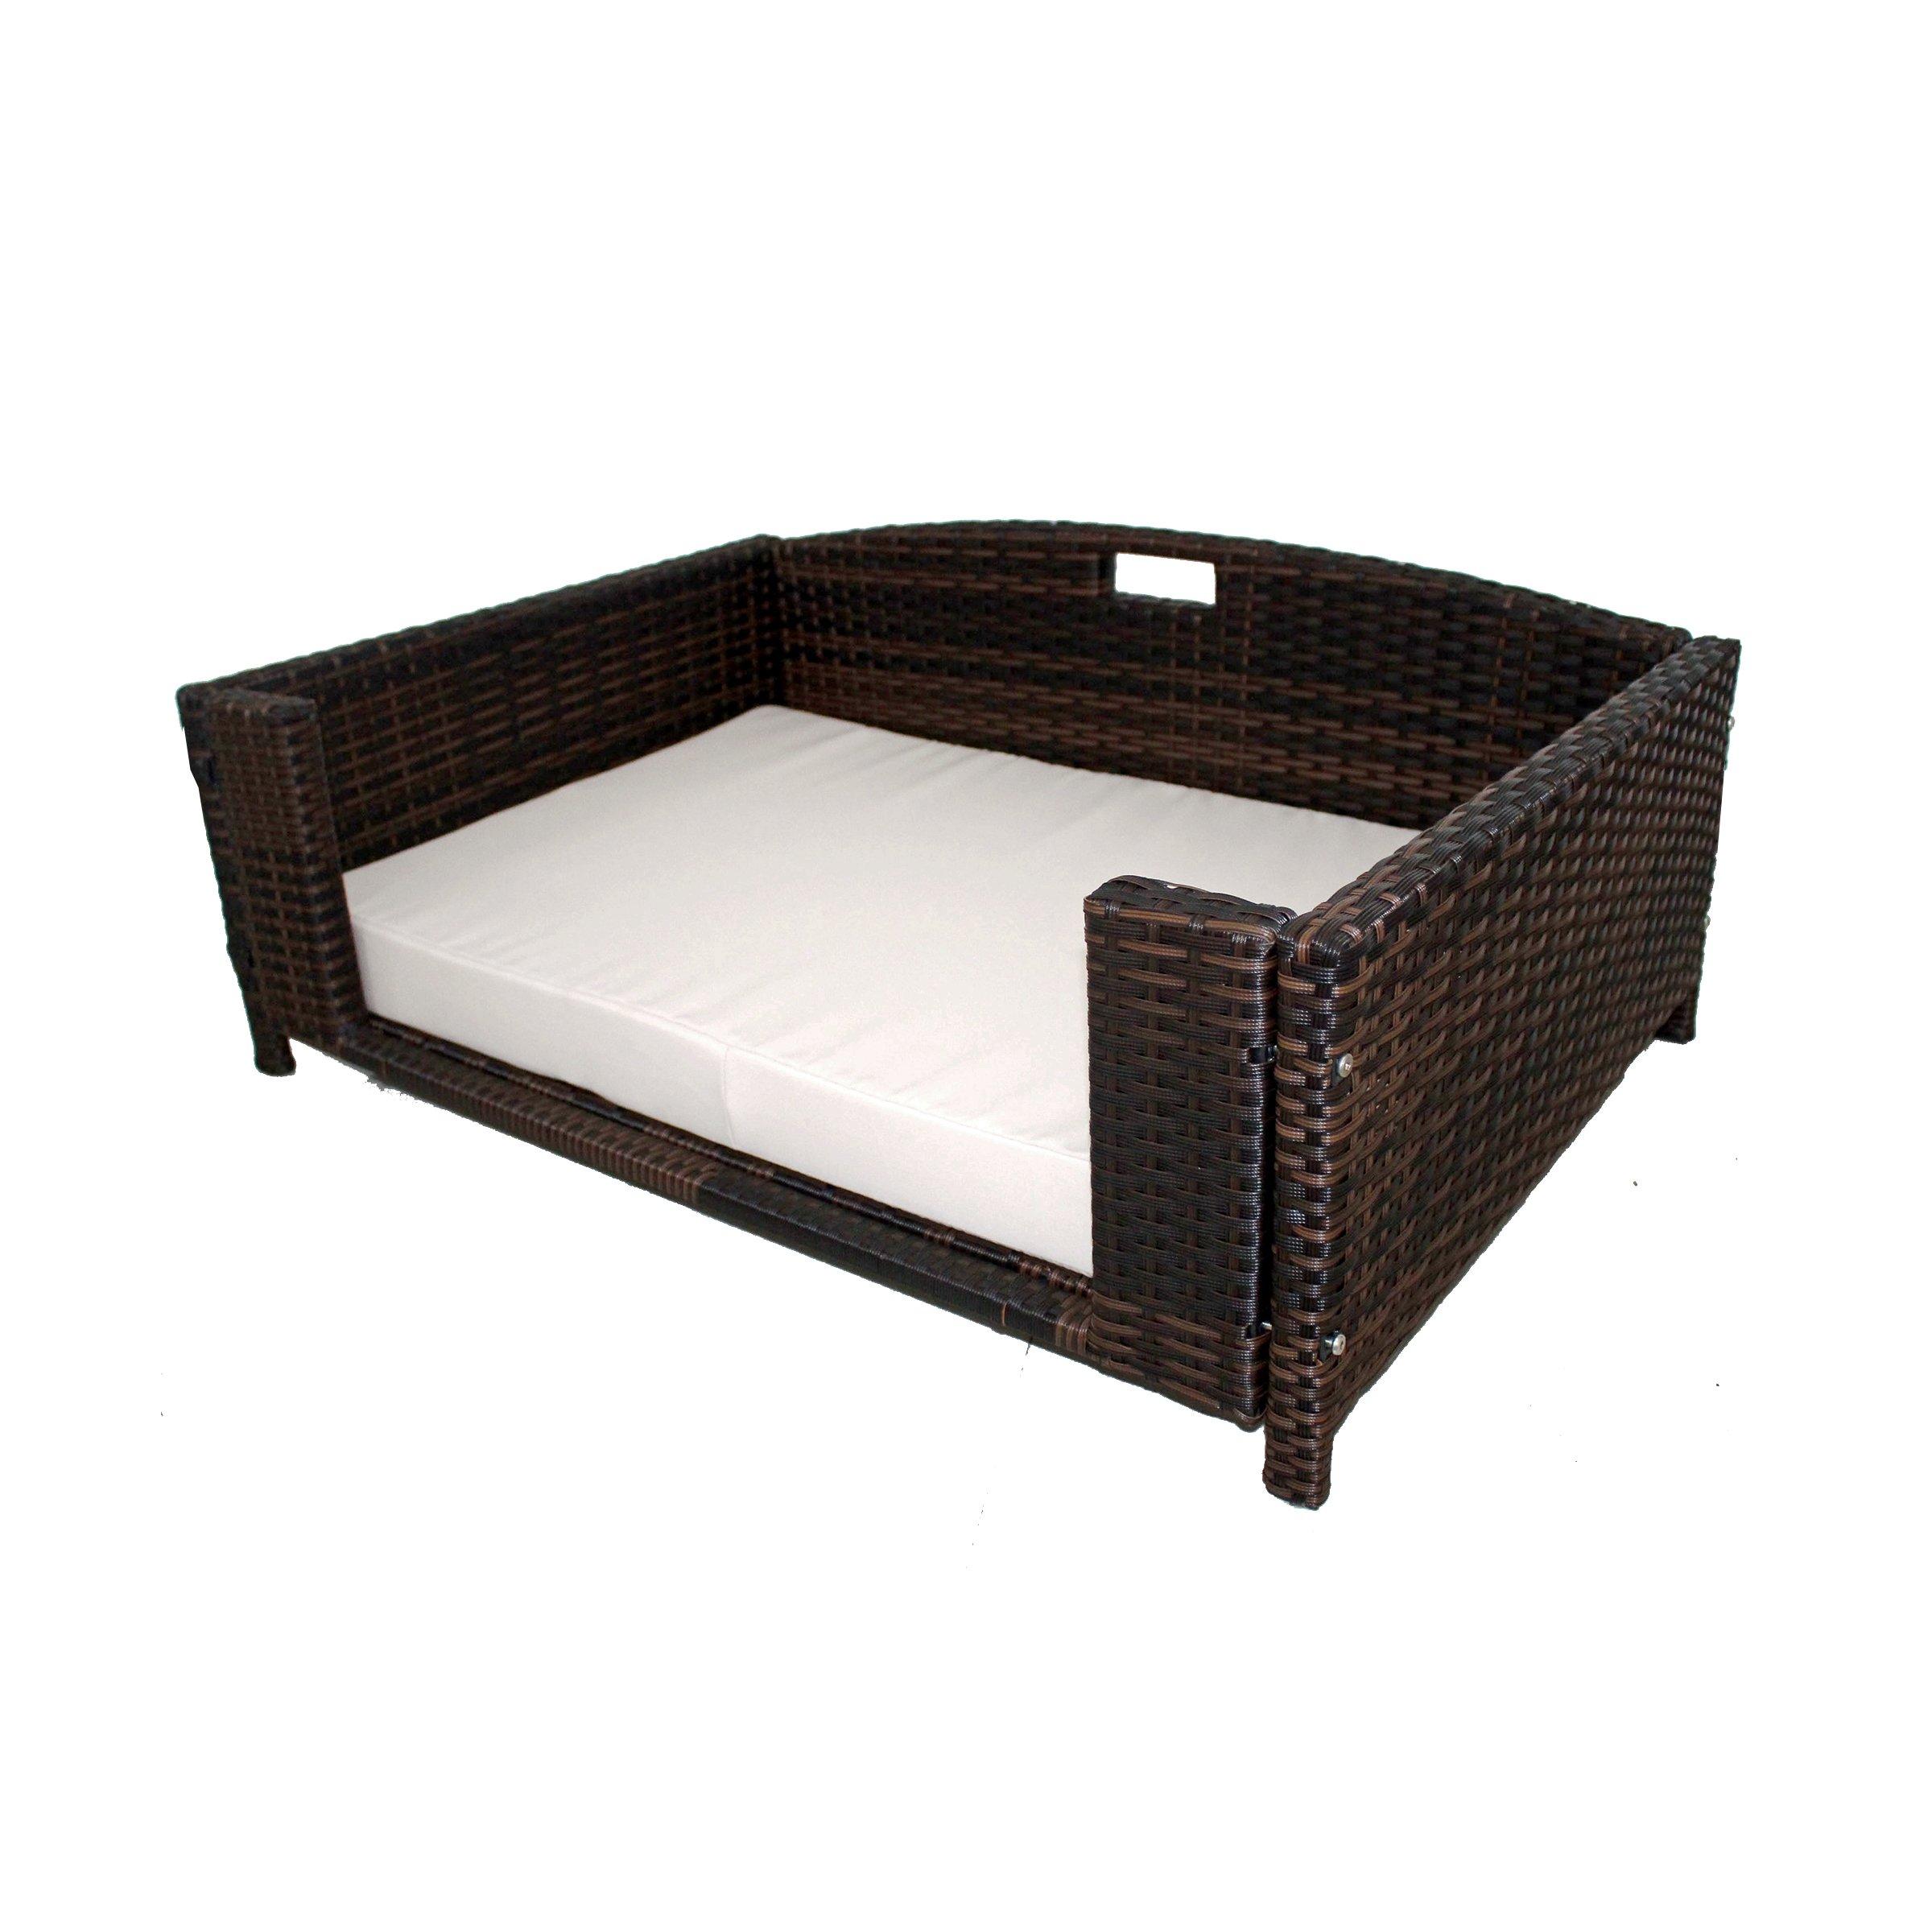 Iconic Pet 52516 Rattan Rectangular Pet Sofa, Large, Brown/Sand